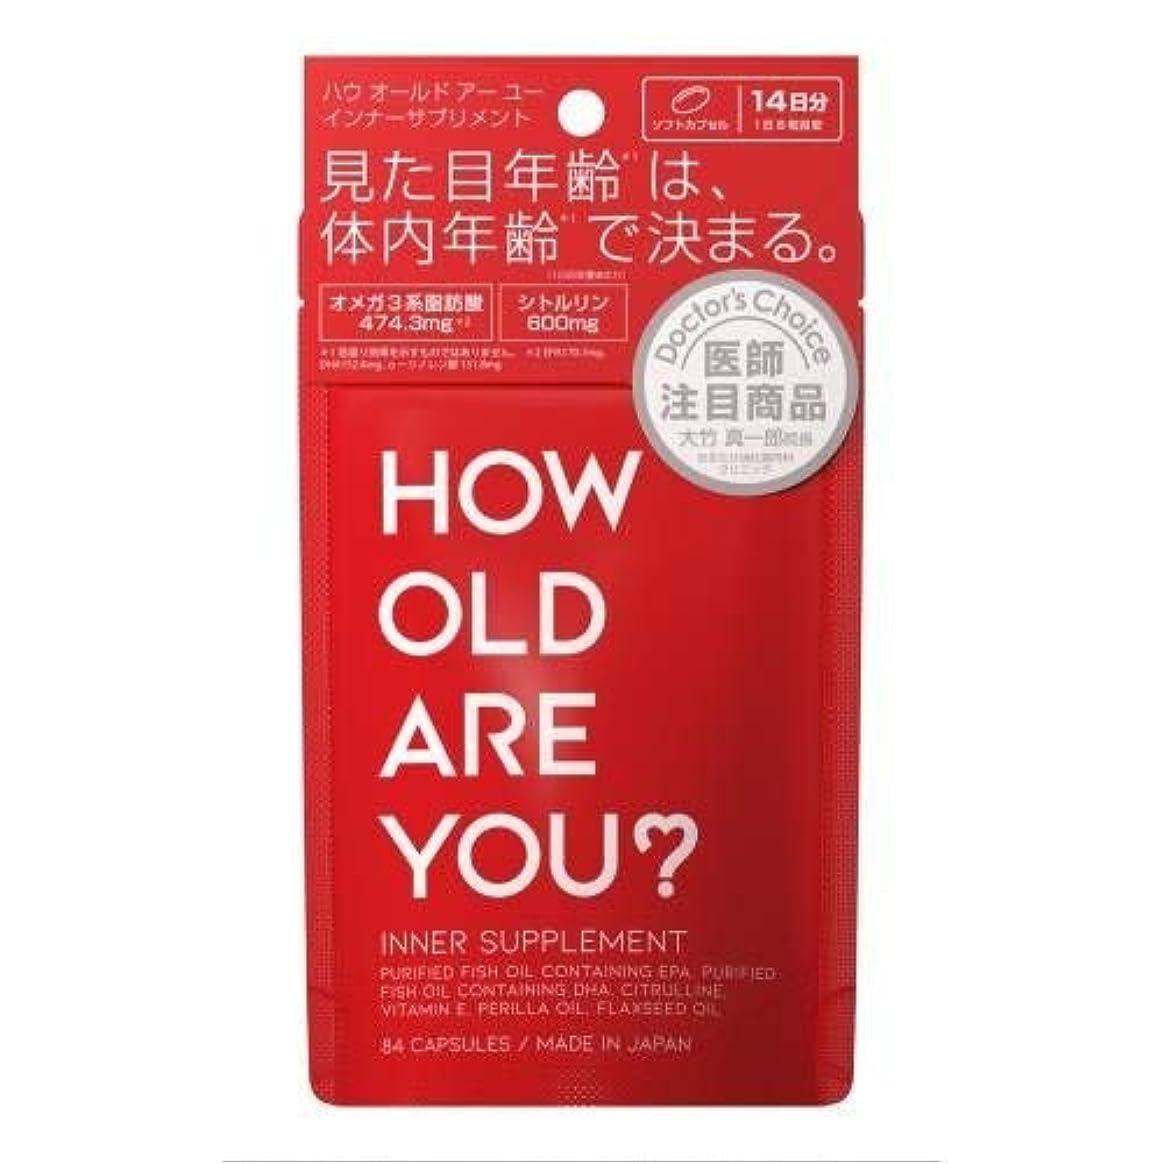 ジェームズダイソン鋼音声学HOW OLD ARE YOU?(ハウオールドアーユー) インナーサプリメント 84粒